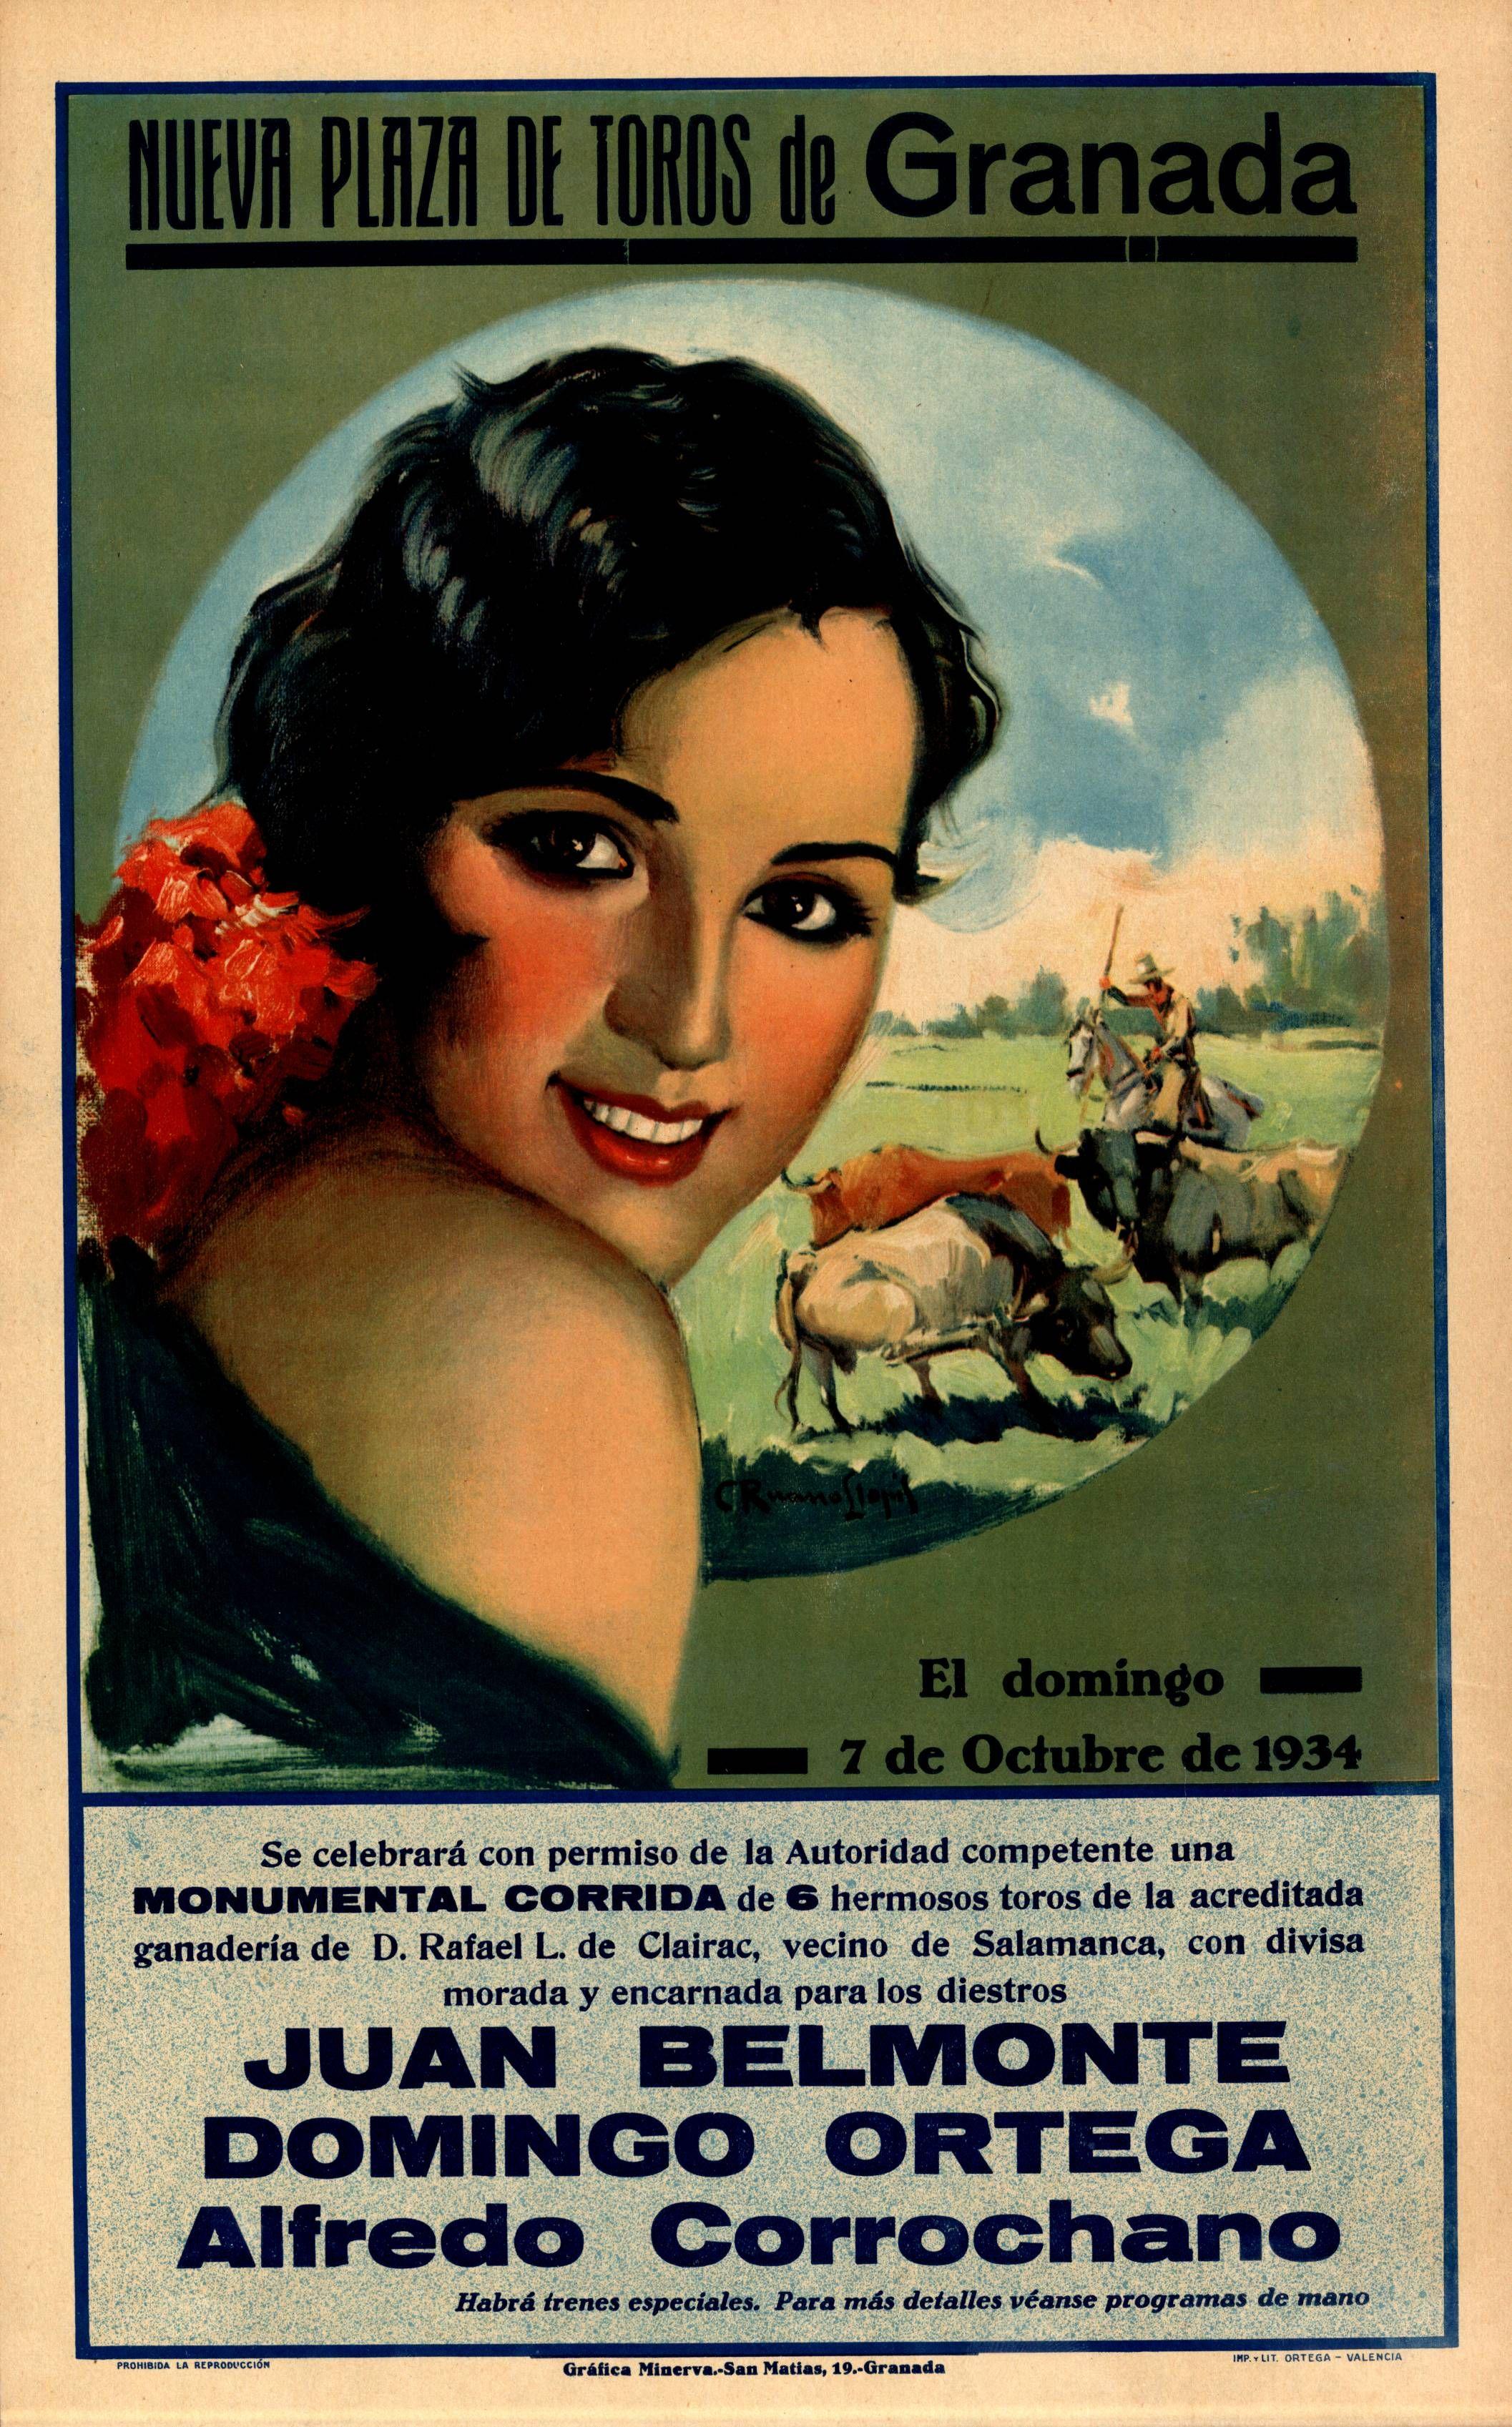 Nueva plaza de toros de Granada  Octubre de 1934  Ruano